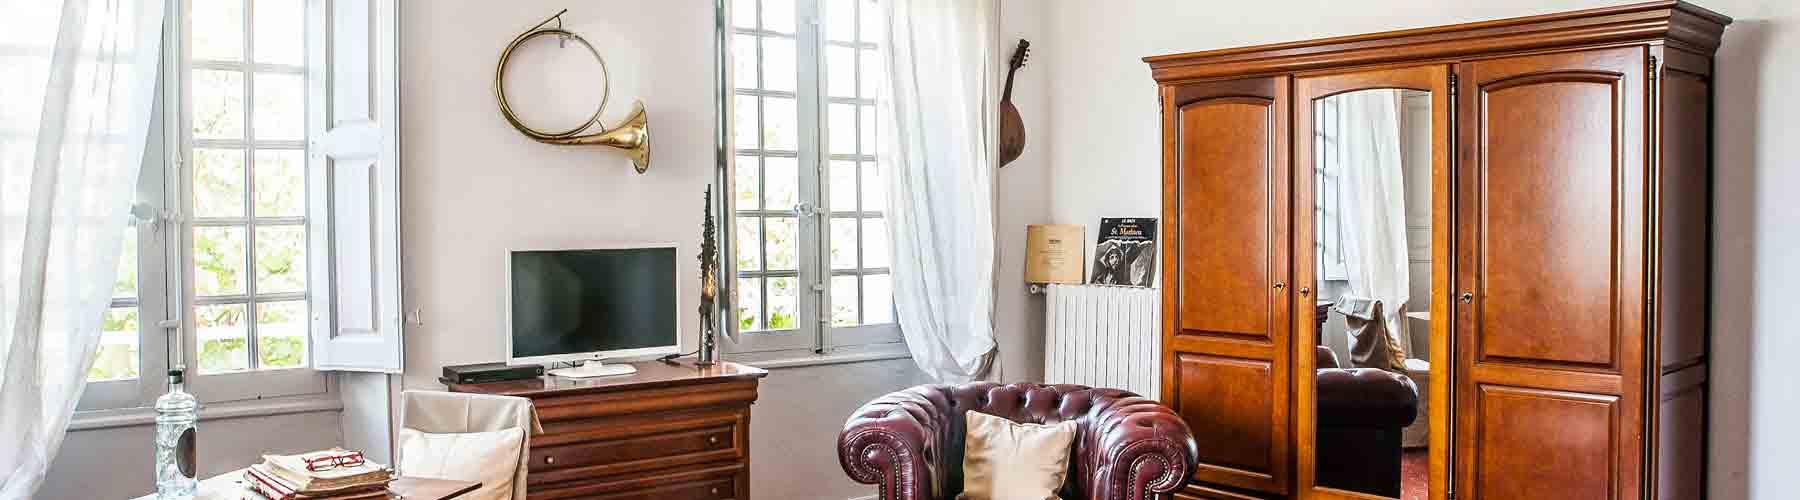 Disponibilit s chambres d 39 h tes en provence avec sauna et - Chambres d hotes vaison la romaine avec piscine ...